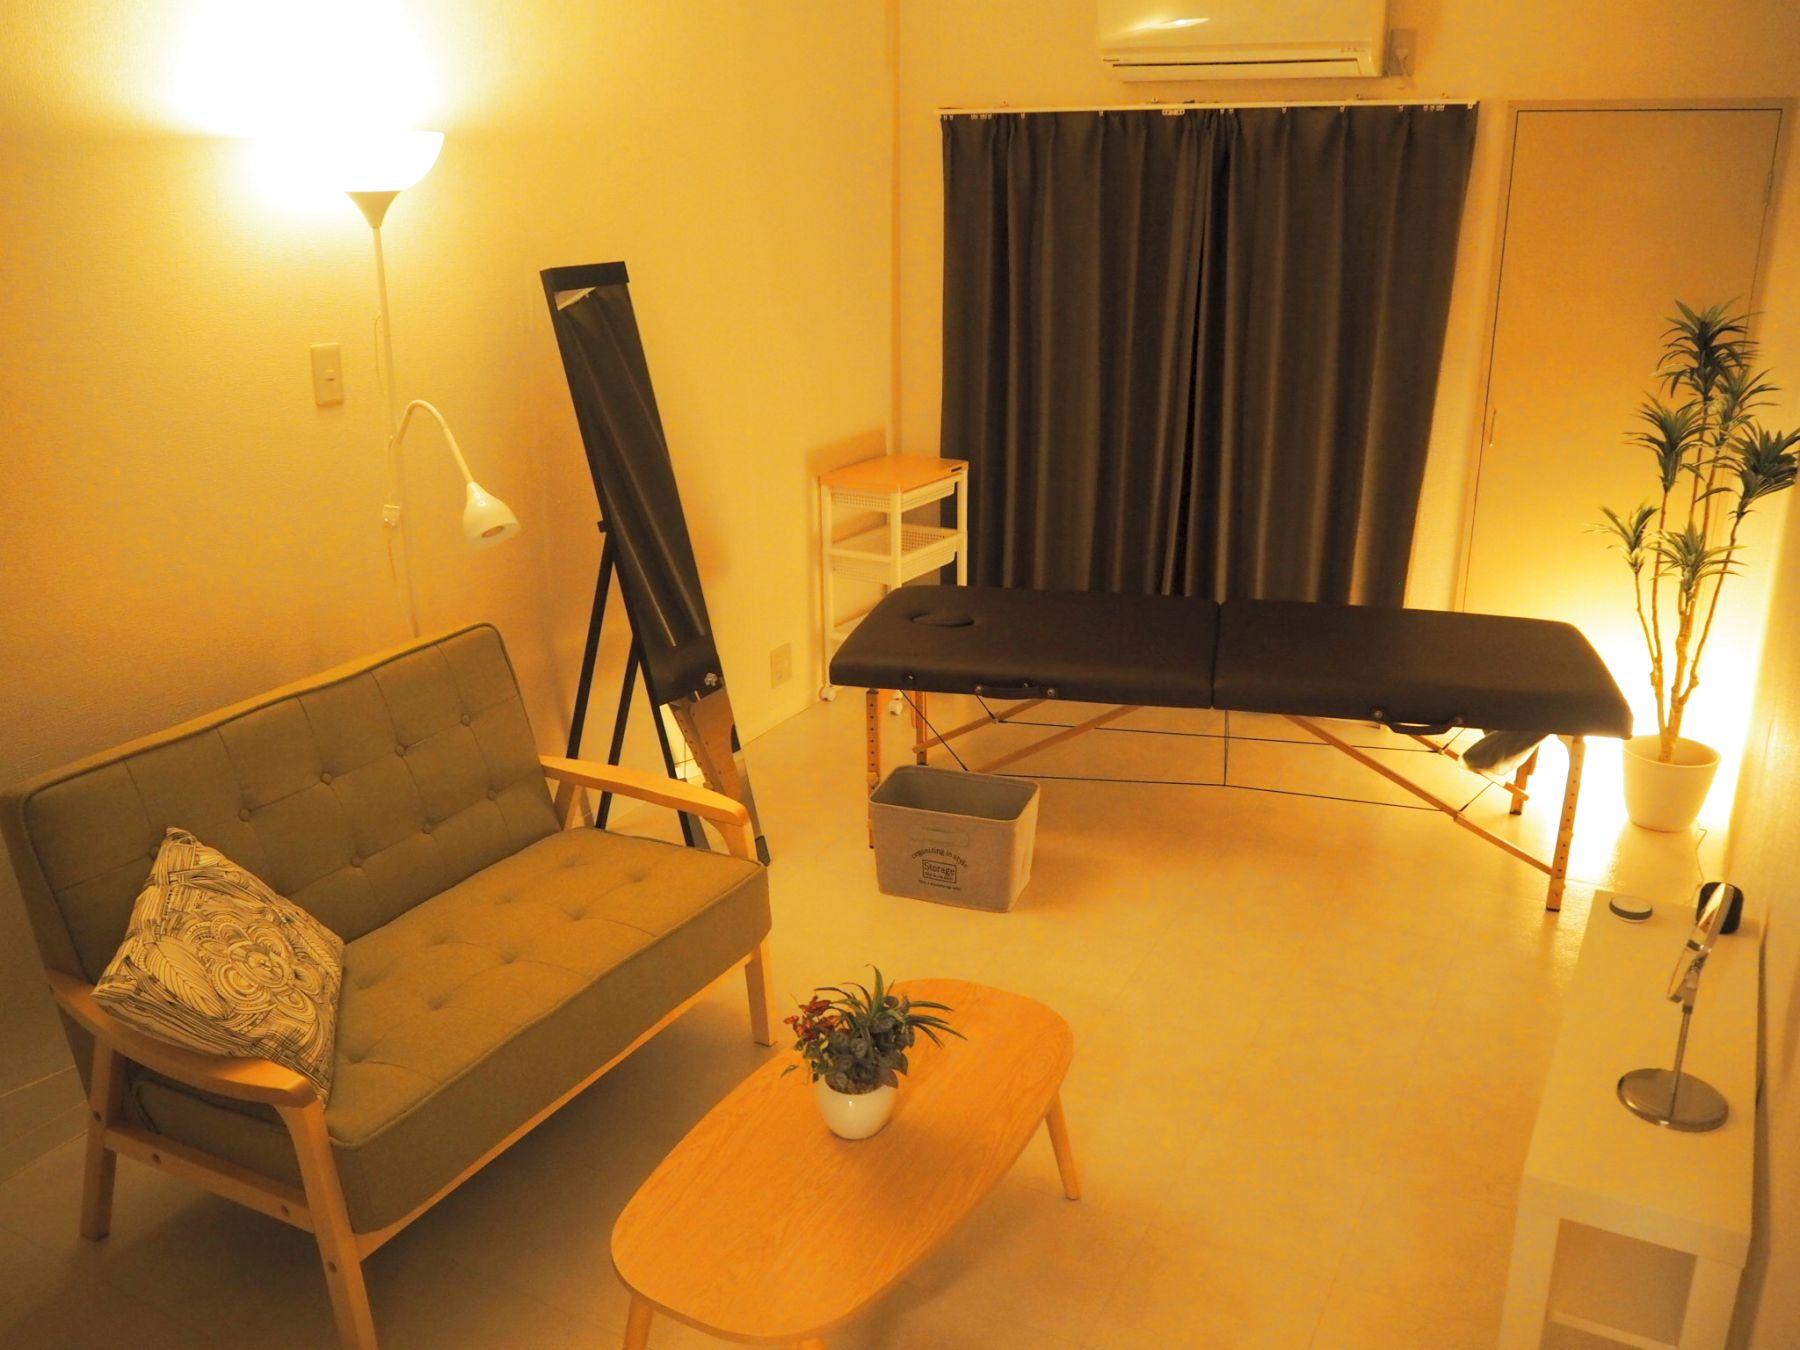 ◆エブリ北堀江◆大阪・堀江のレンタルサロン・エステスペース❗️ レンタルサロンの室内の写真 (1/17)